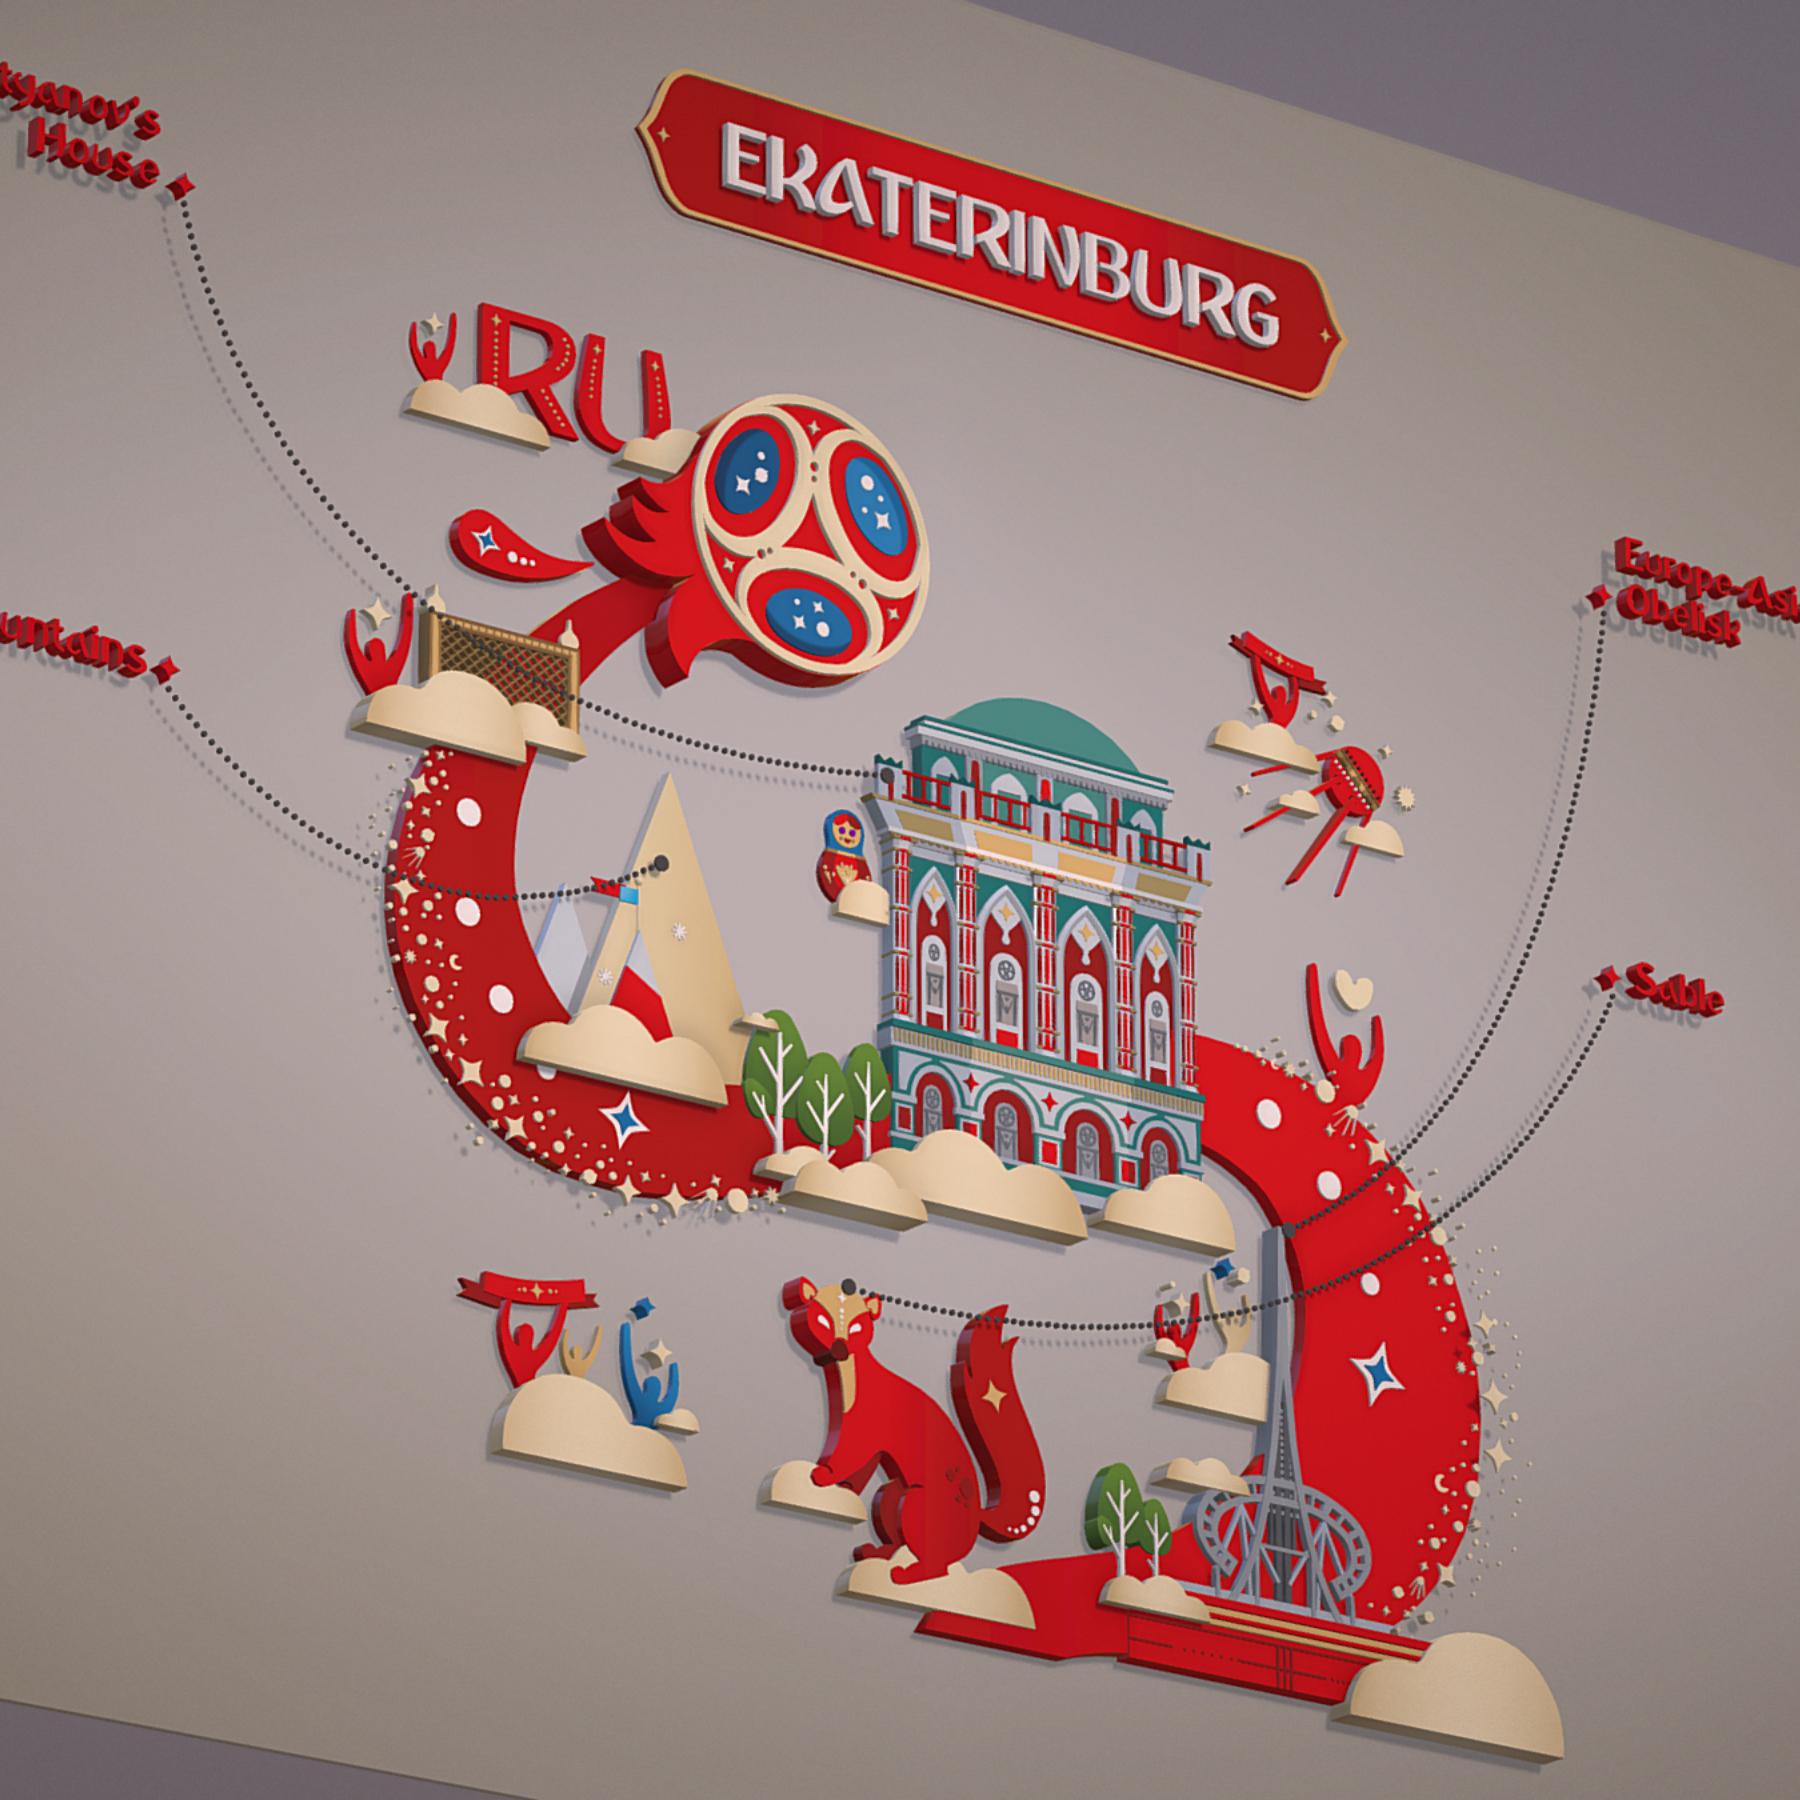 fifa wold cup 2018 russia host city ekaterinburg 3d model max  fbx jpeg jpg ma mb obj 271366